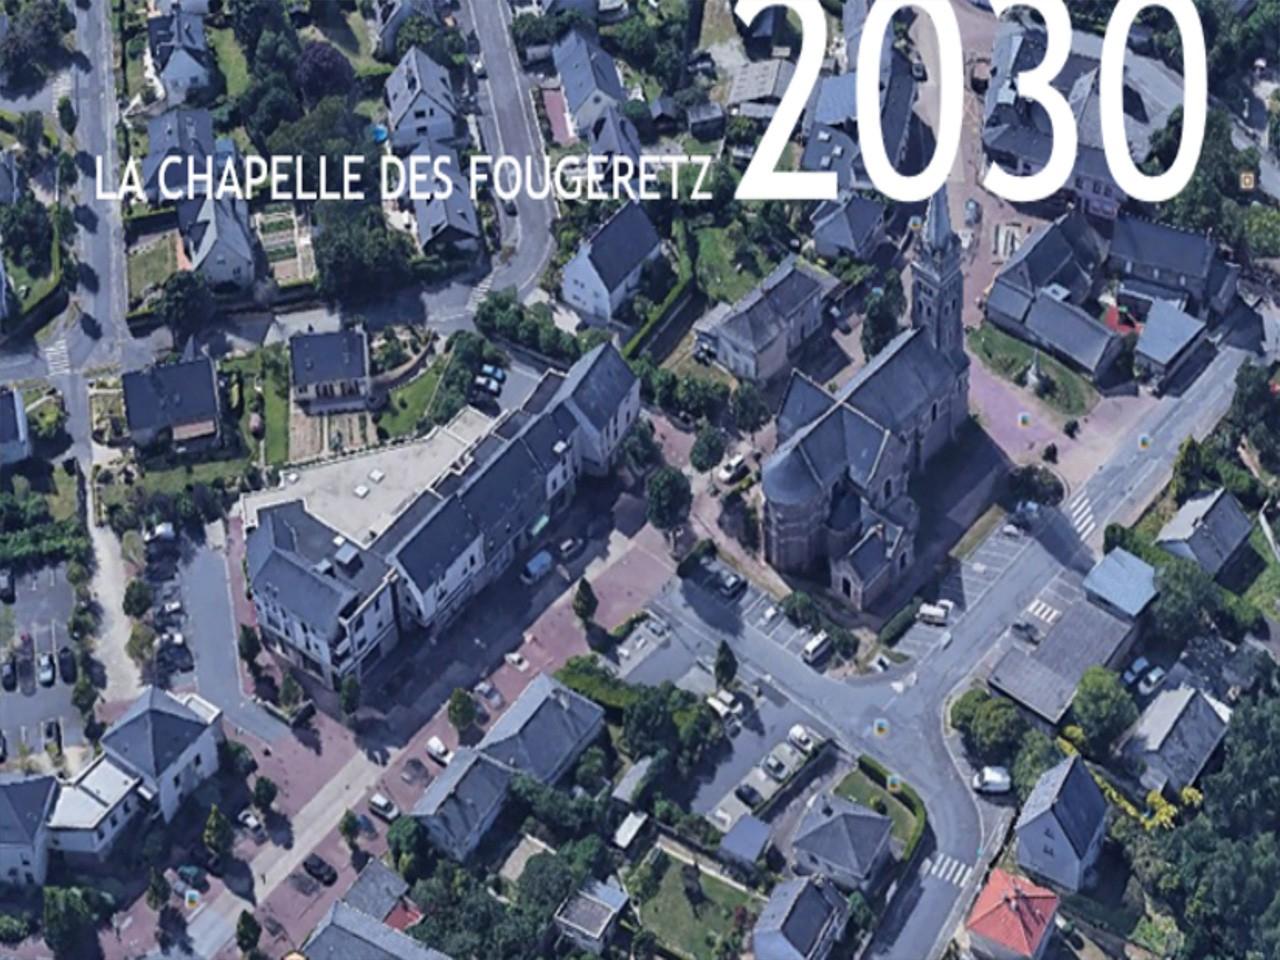 La Chapelle-des-Fougeretz en 2030